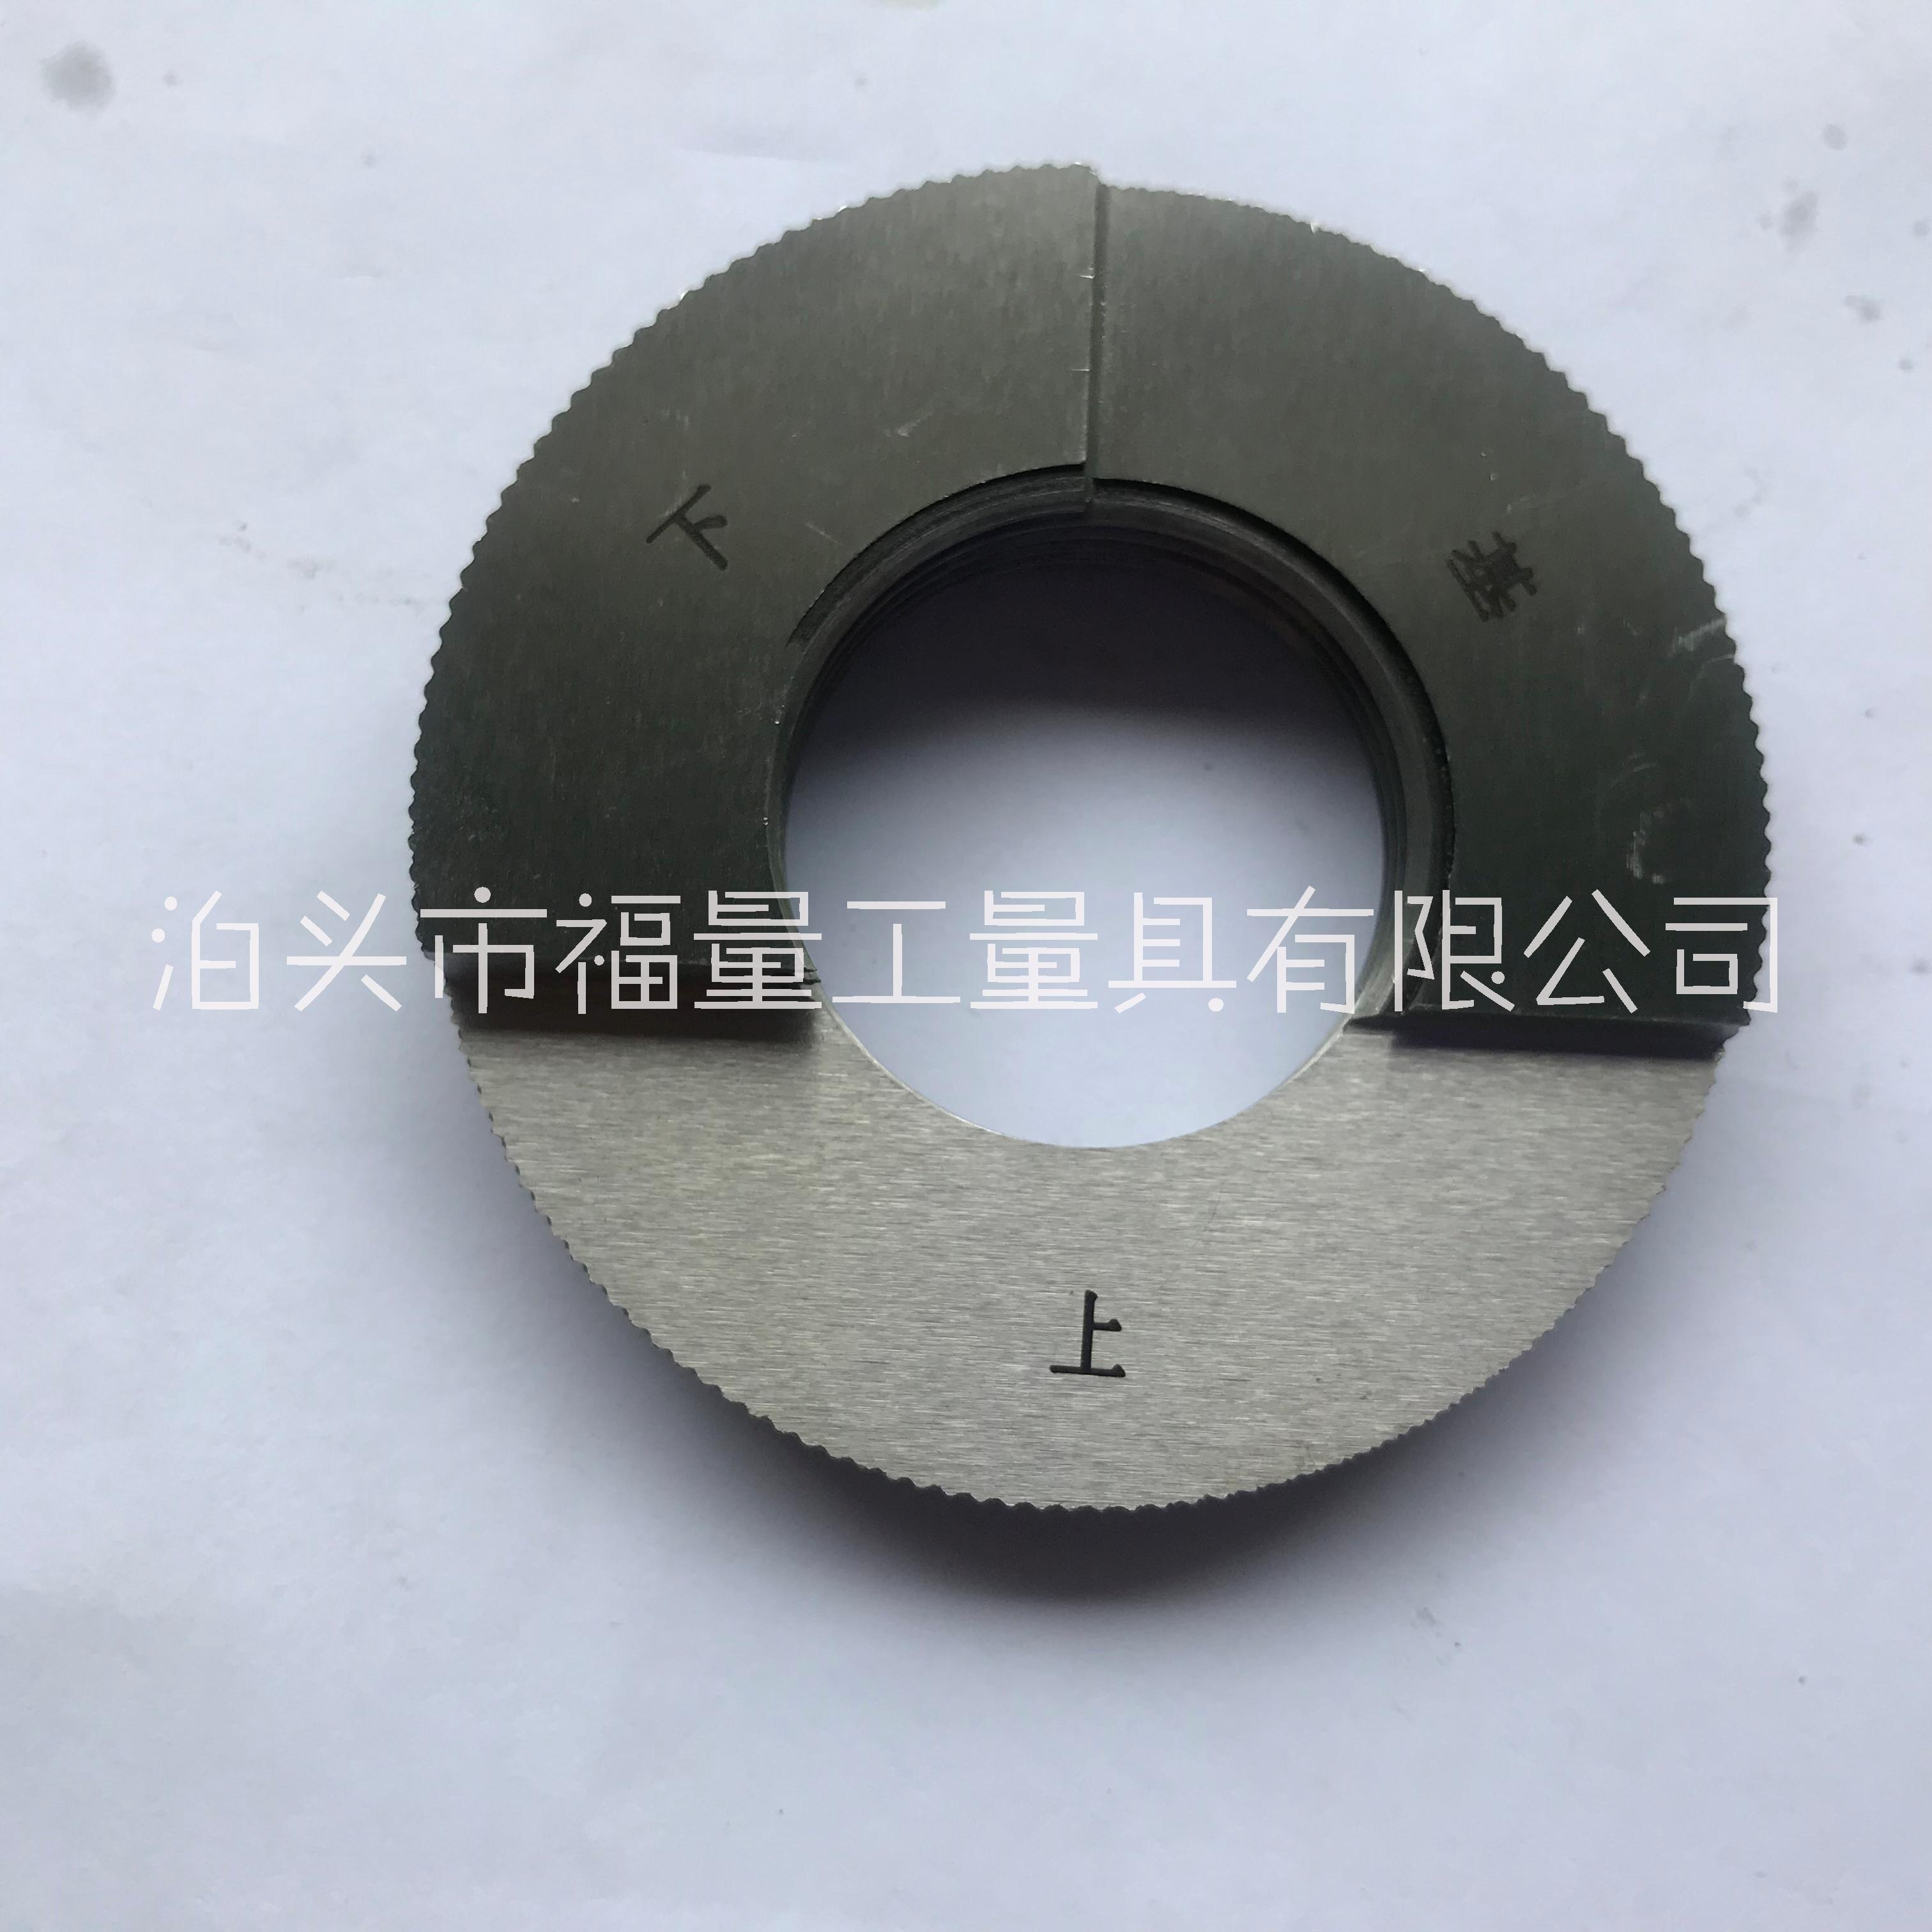 河北气瓶螺纹环规报价-气瓶螺纹量规产品供应